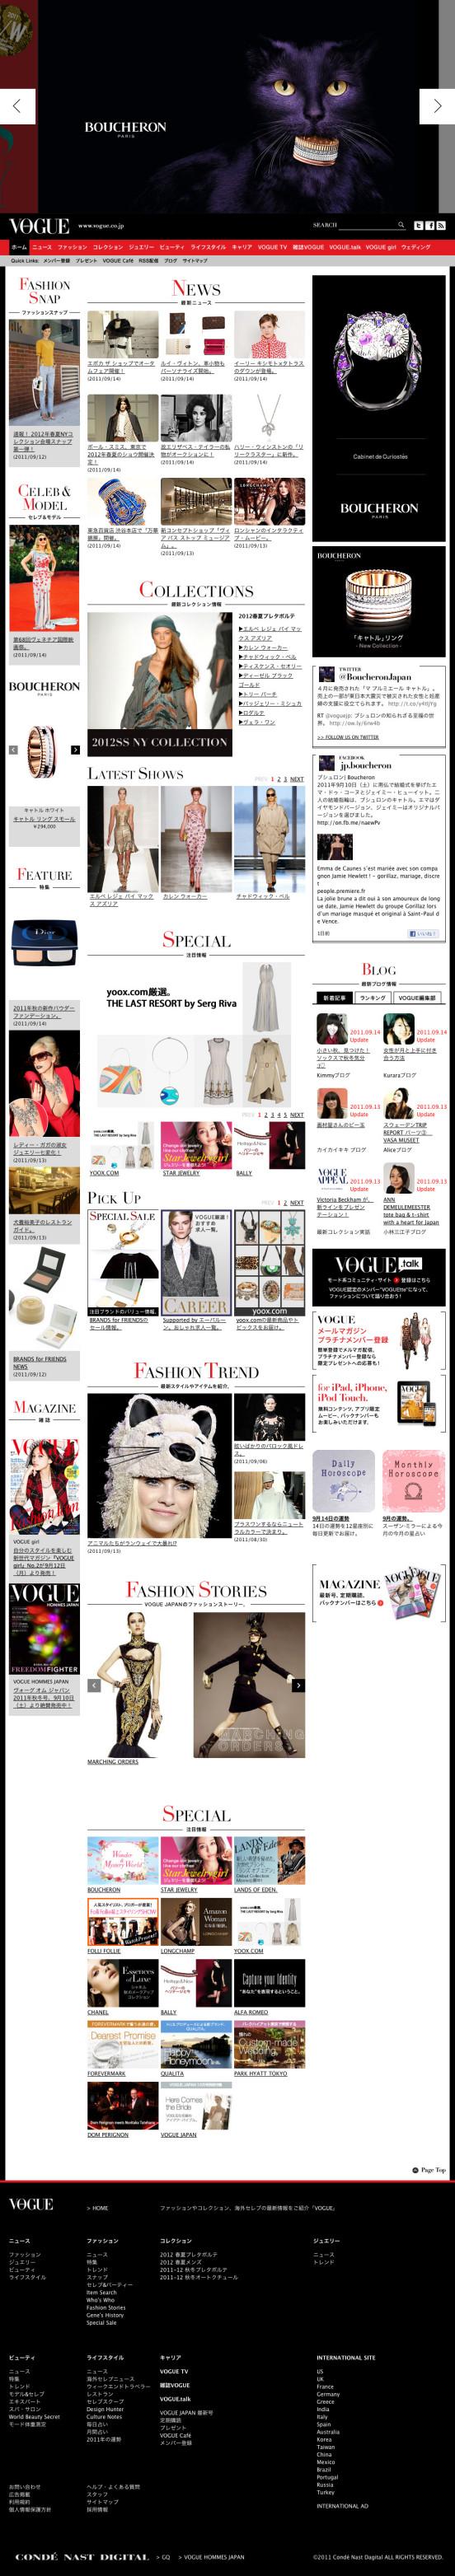 ファッション、コレクション、海外セレブの最新情報|VOGUE